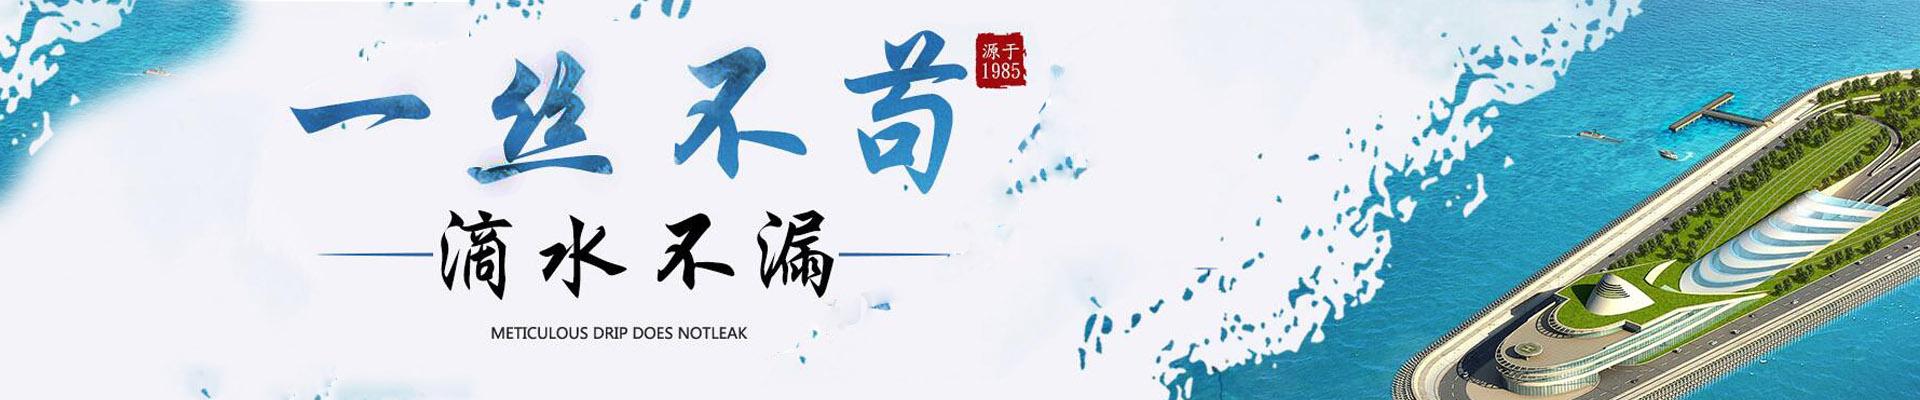 http://www.yuwang.com.cn